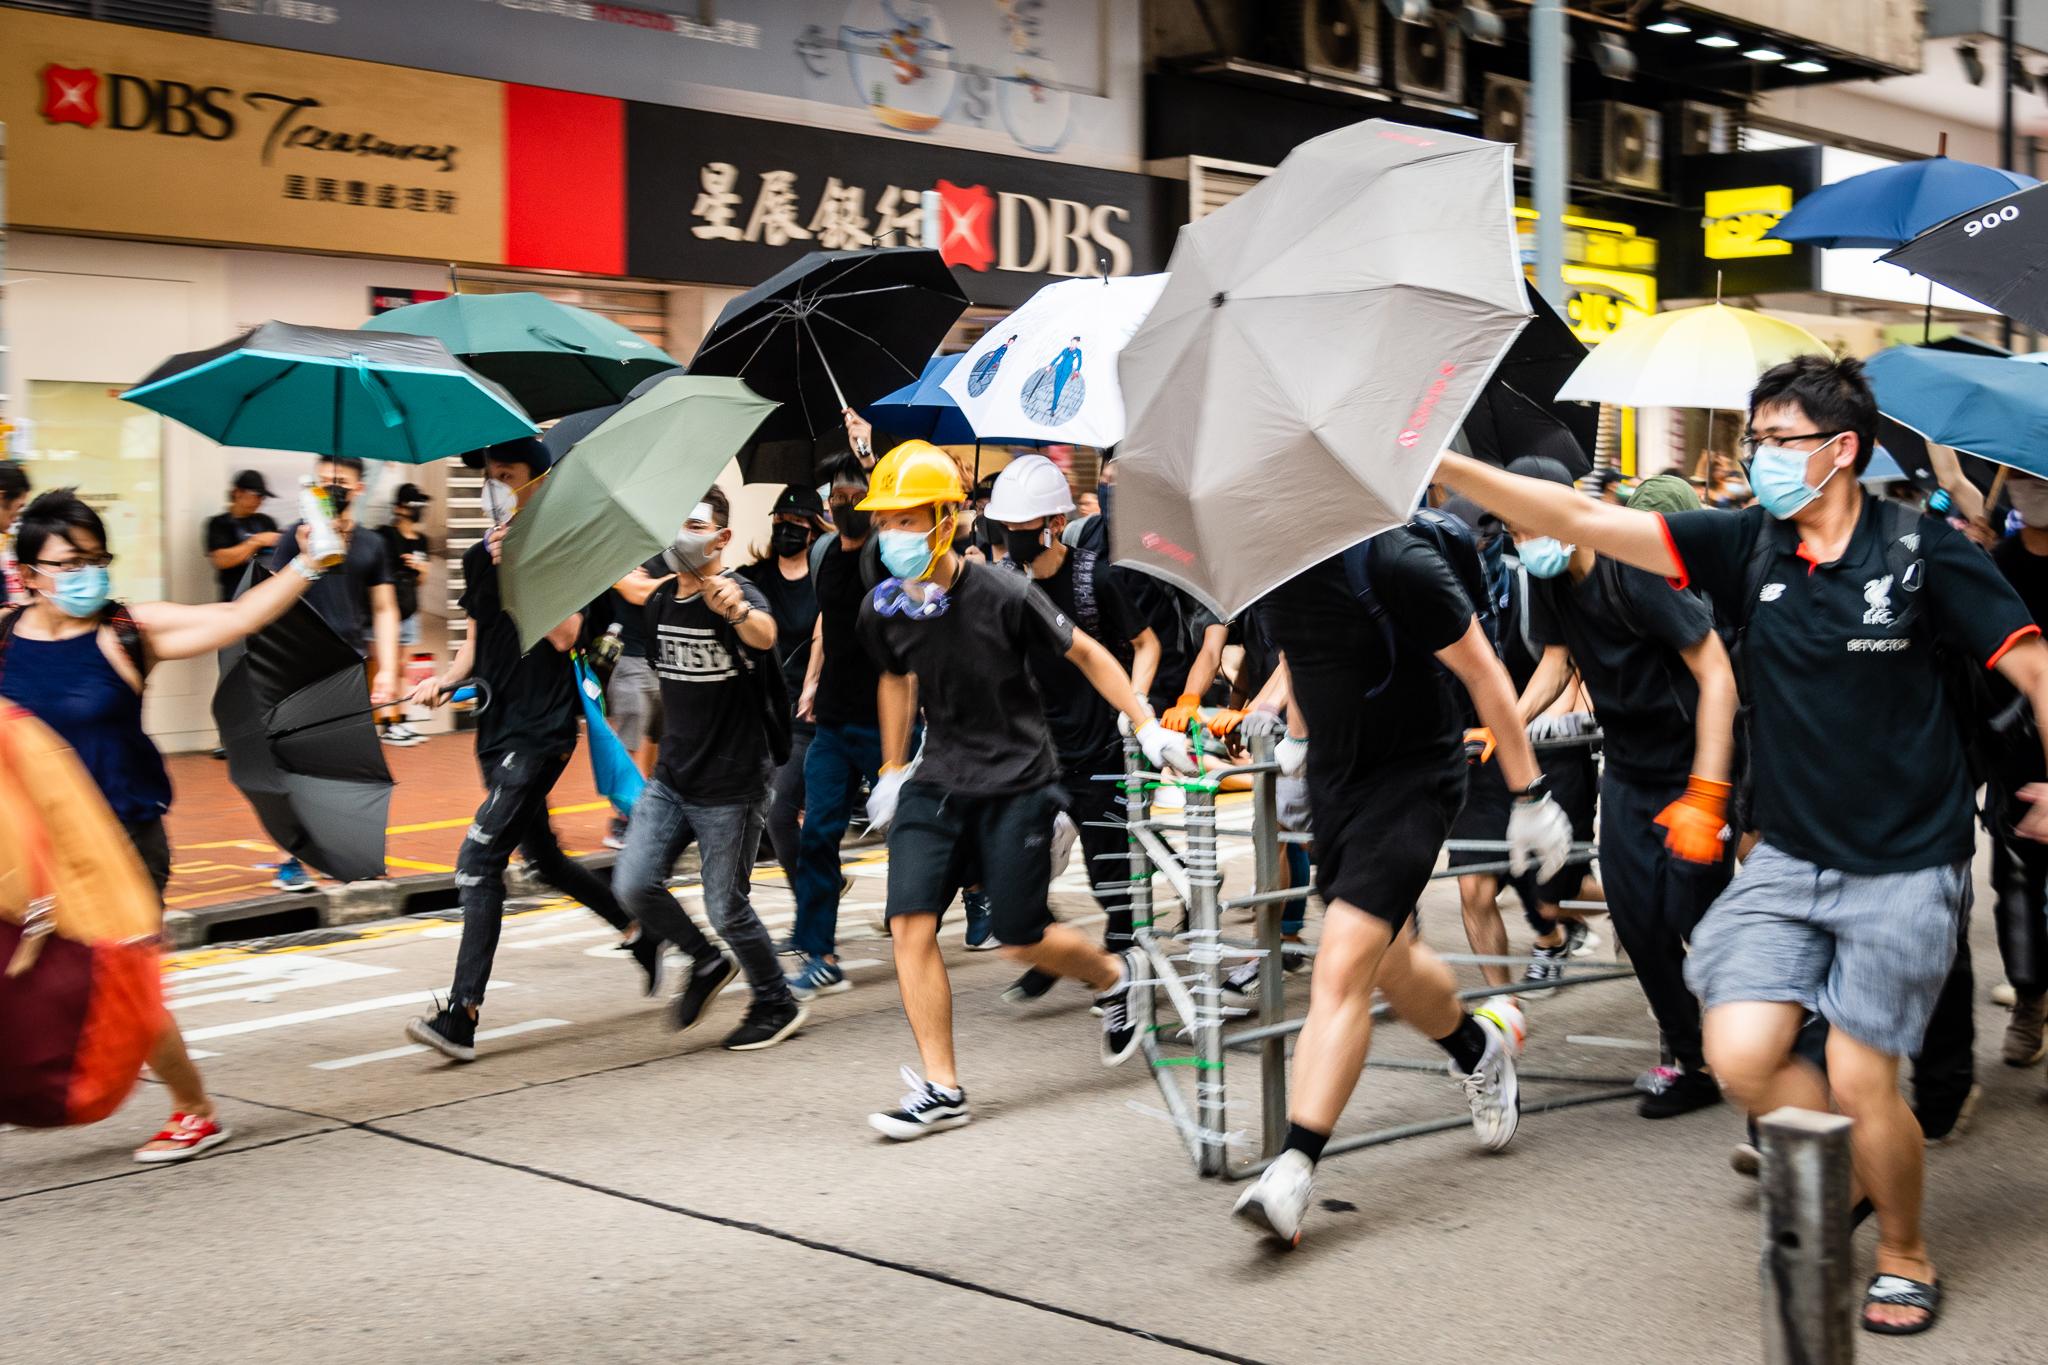 Mielenosoittajat suojautuivat sateenvarjoilla Hongkongin Causeway Bayn alueella heinäkuussa 2019. Kuva: Doctorho/Flickr.